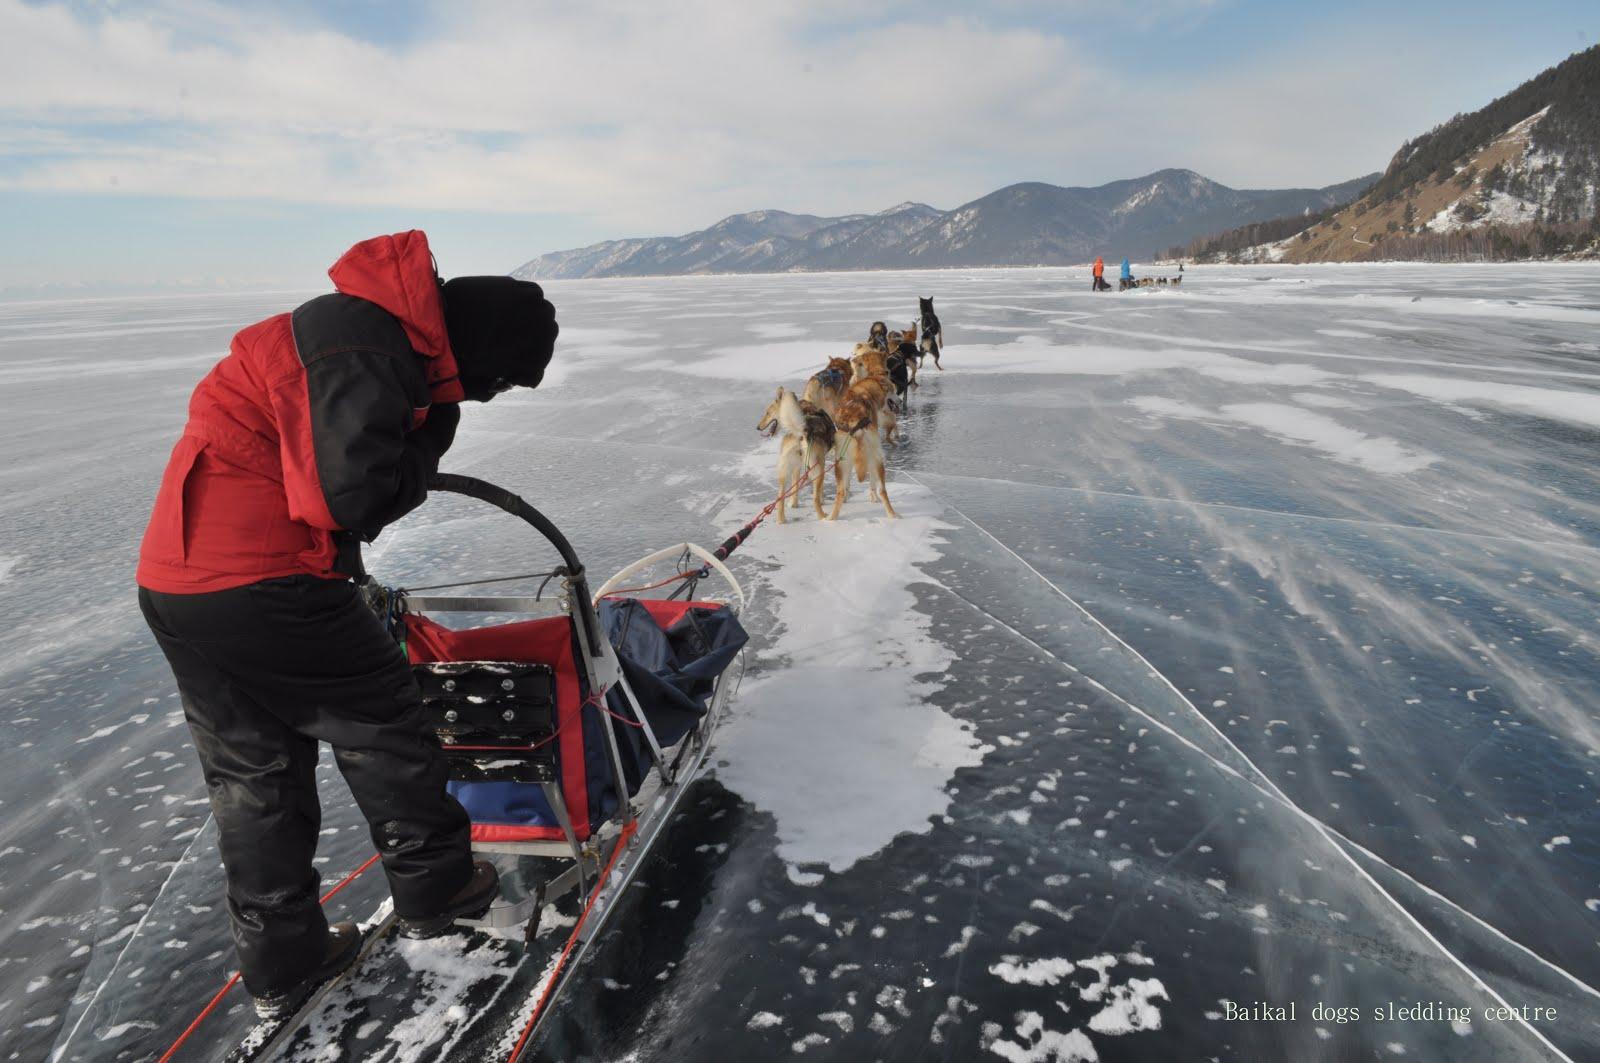 в пути по Байкальскому льду